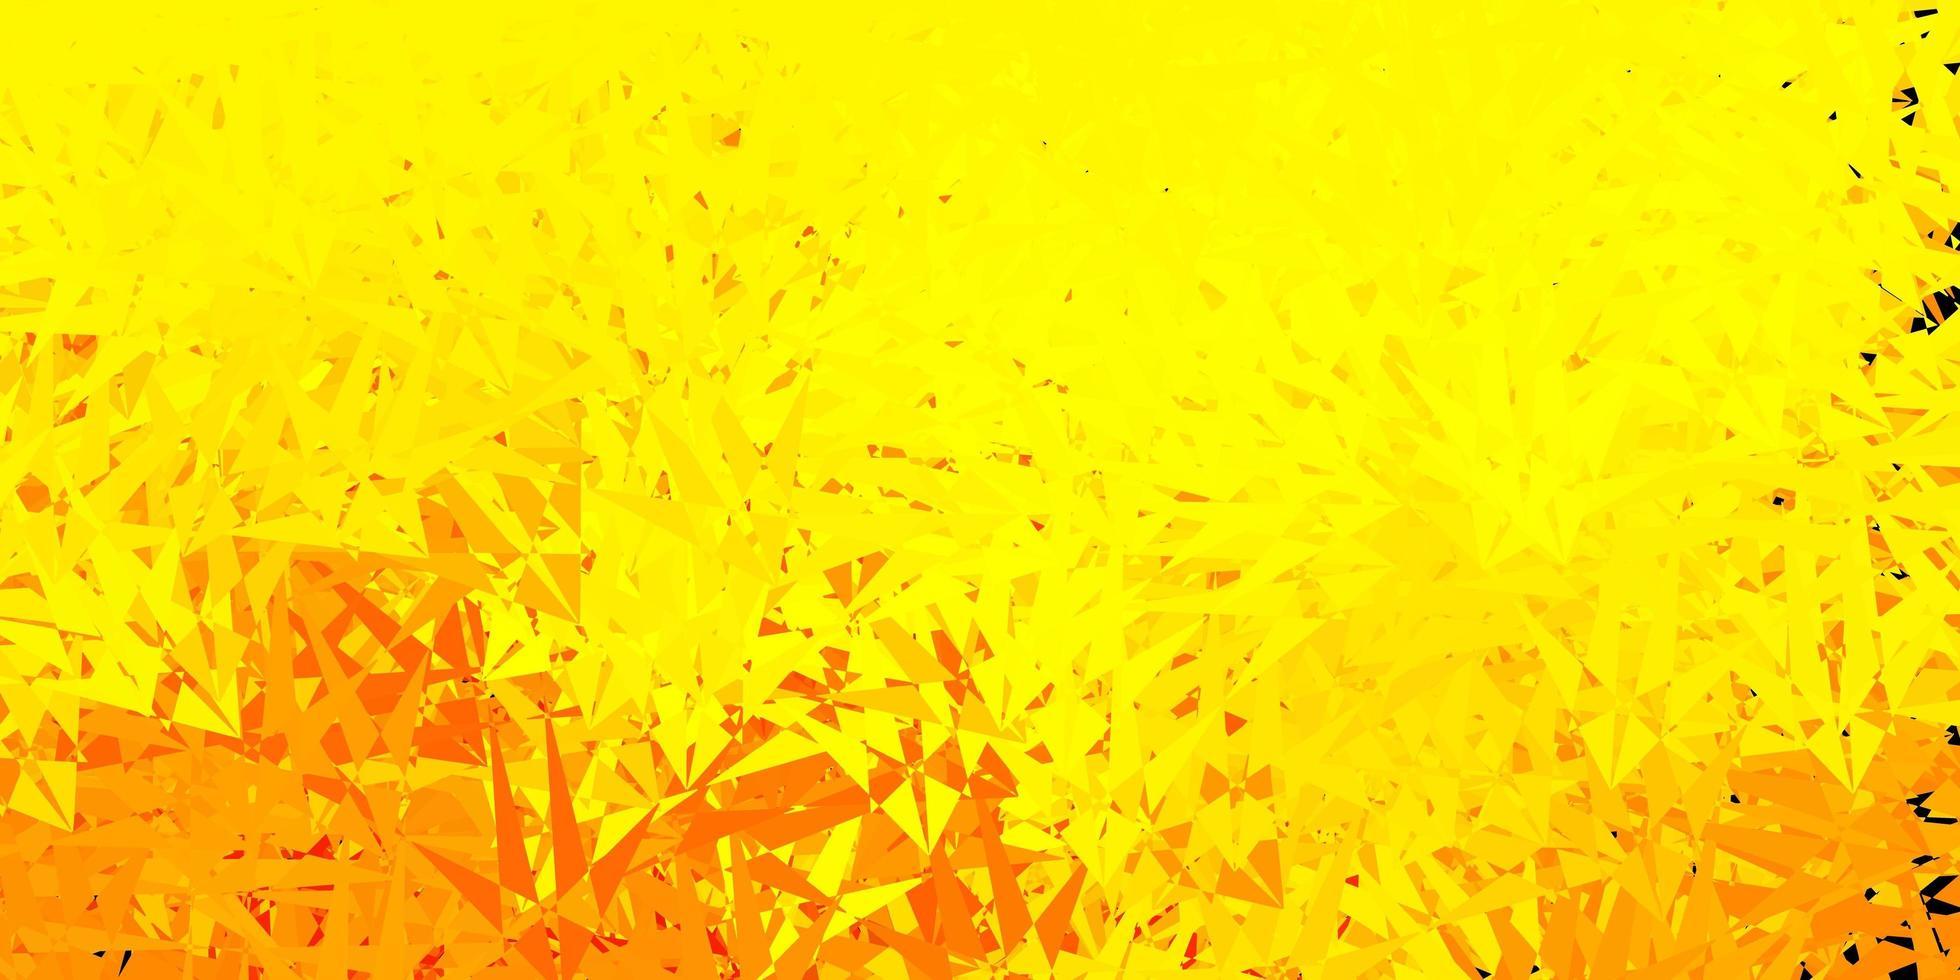 sfondo giallo chiaro con forme poligonali. vettore